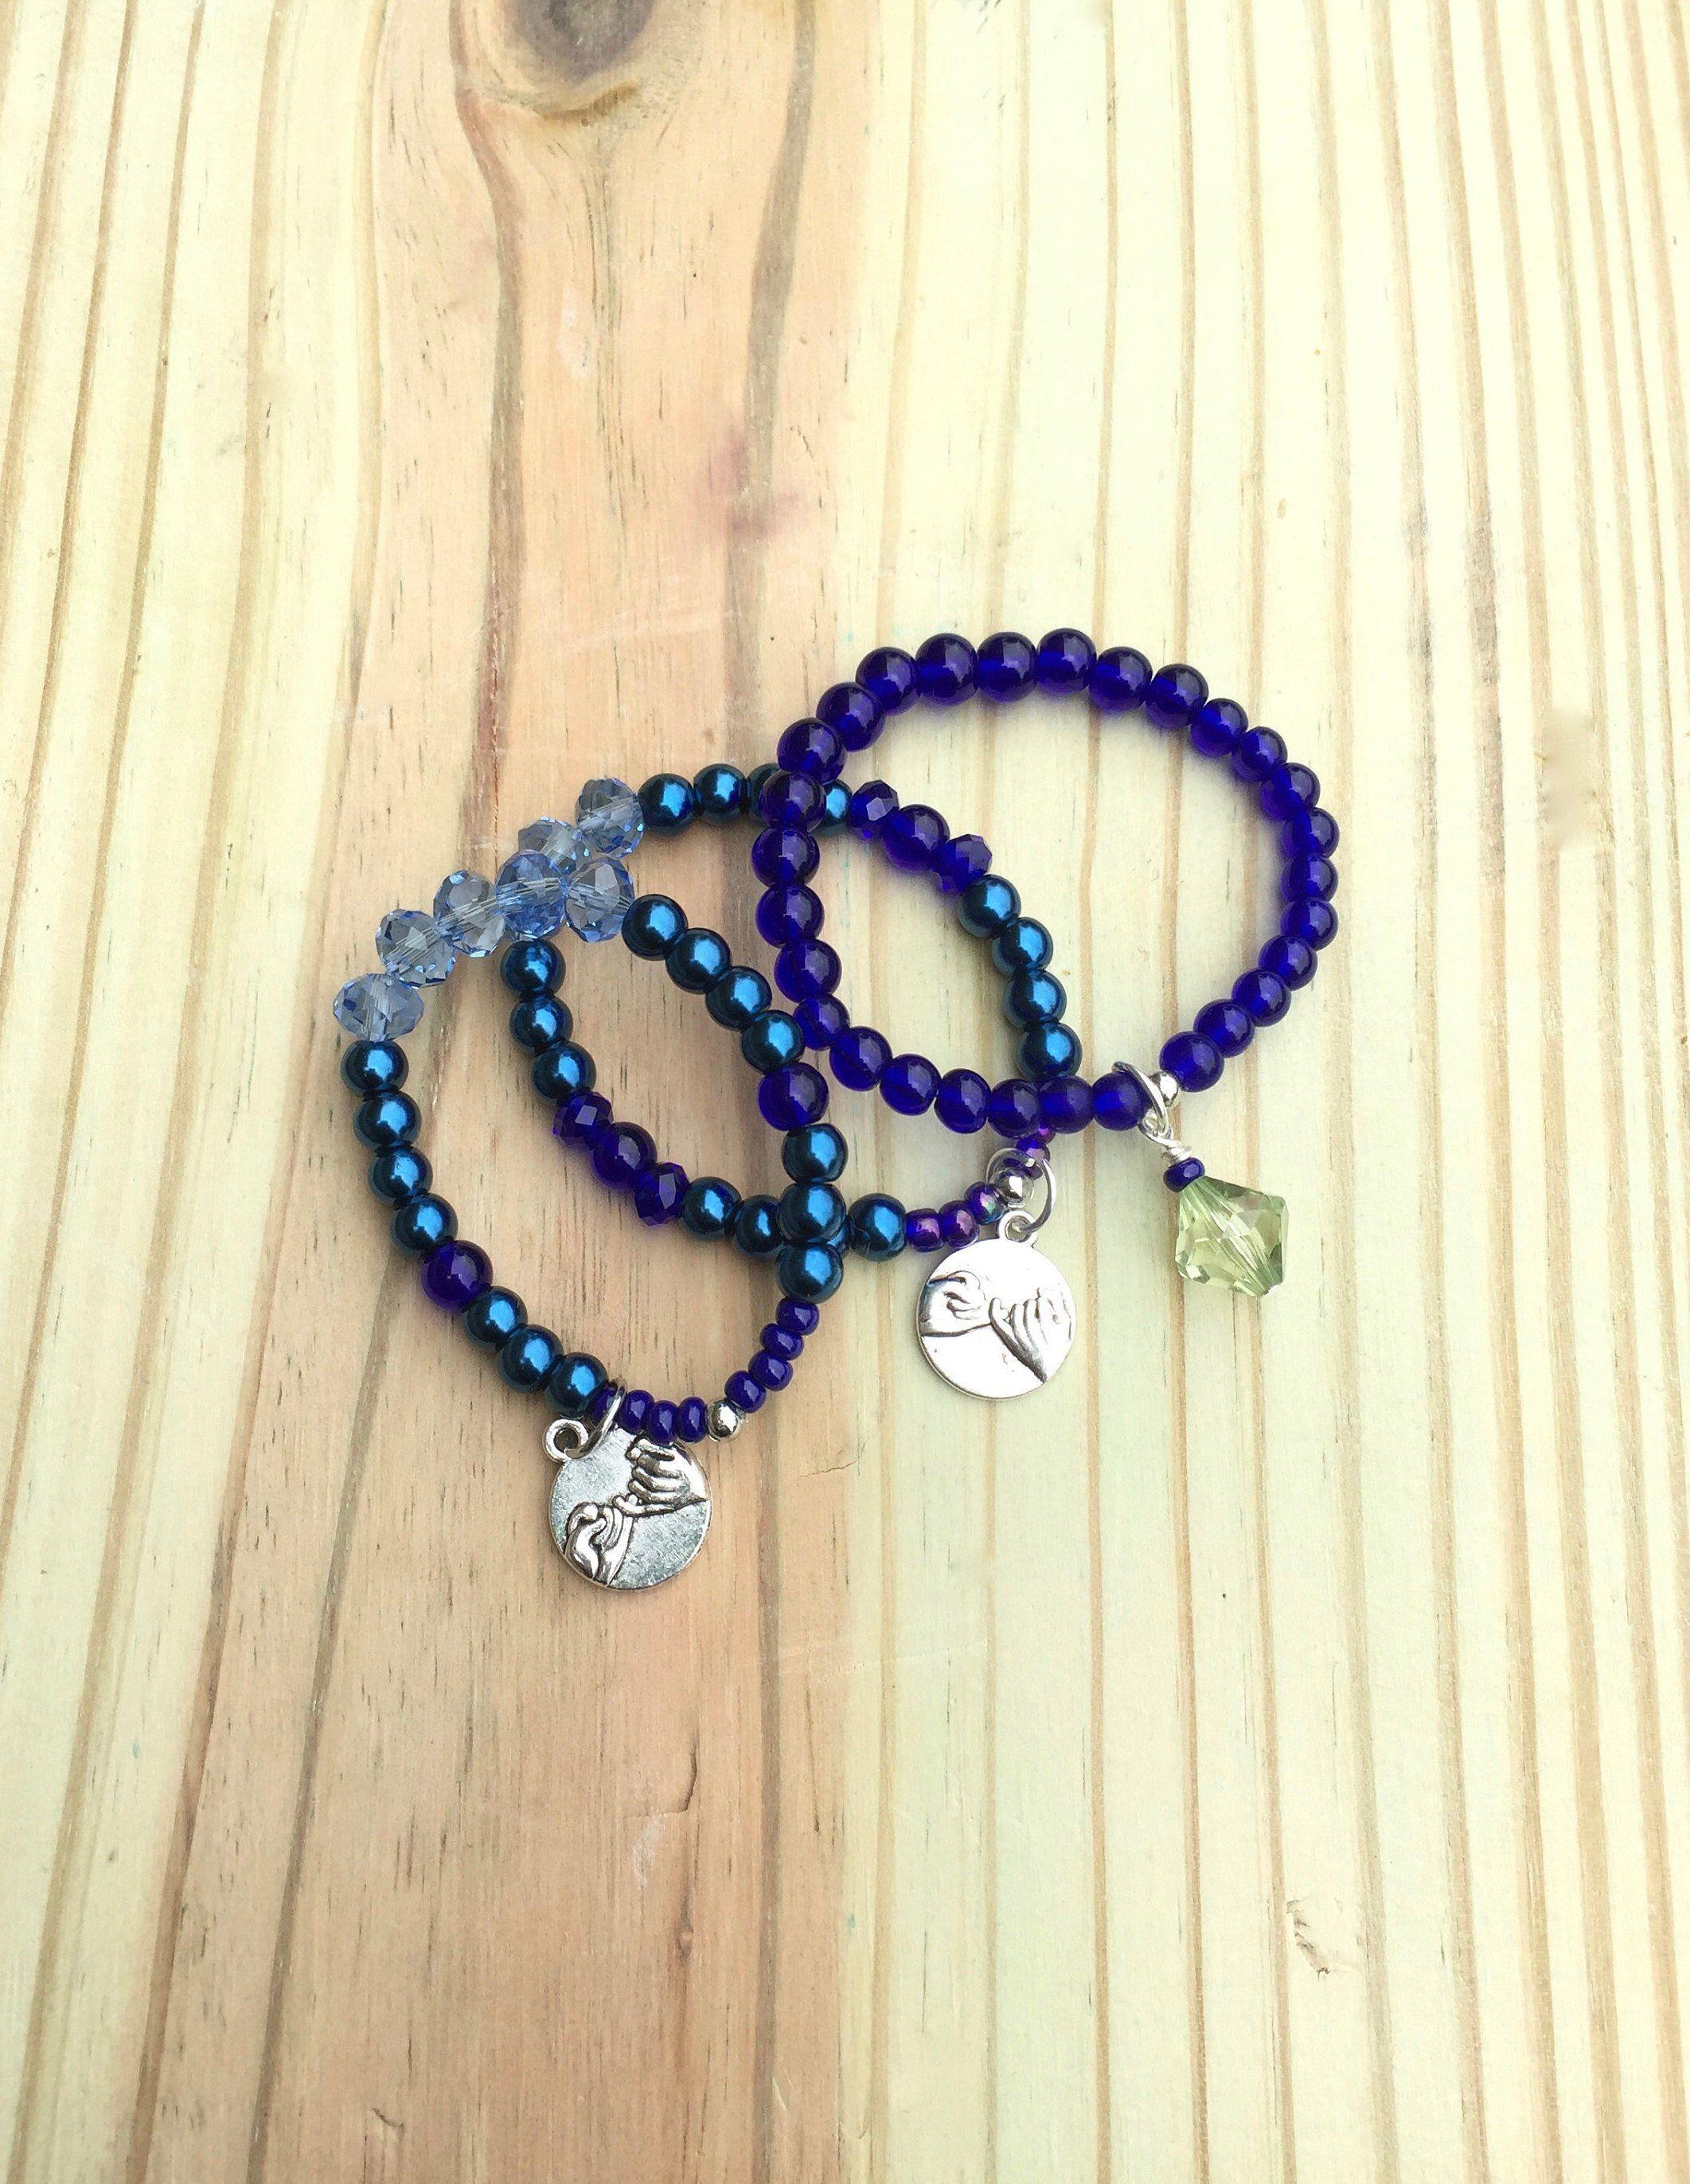 Friendship bracelets flower girl gift birthday gifts stretchy